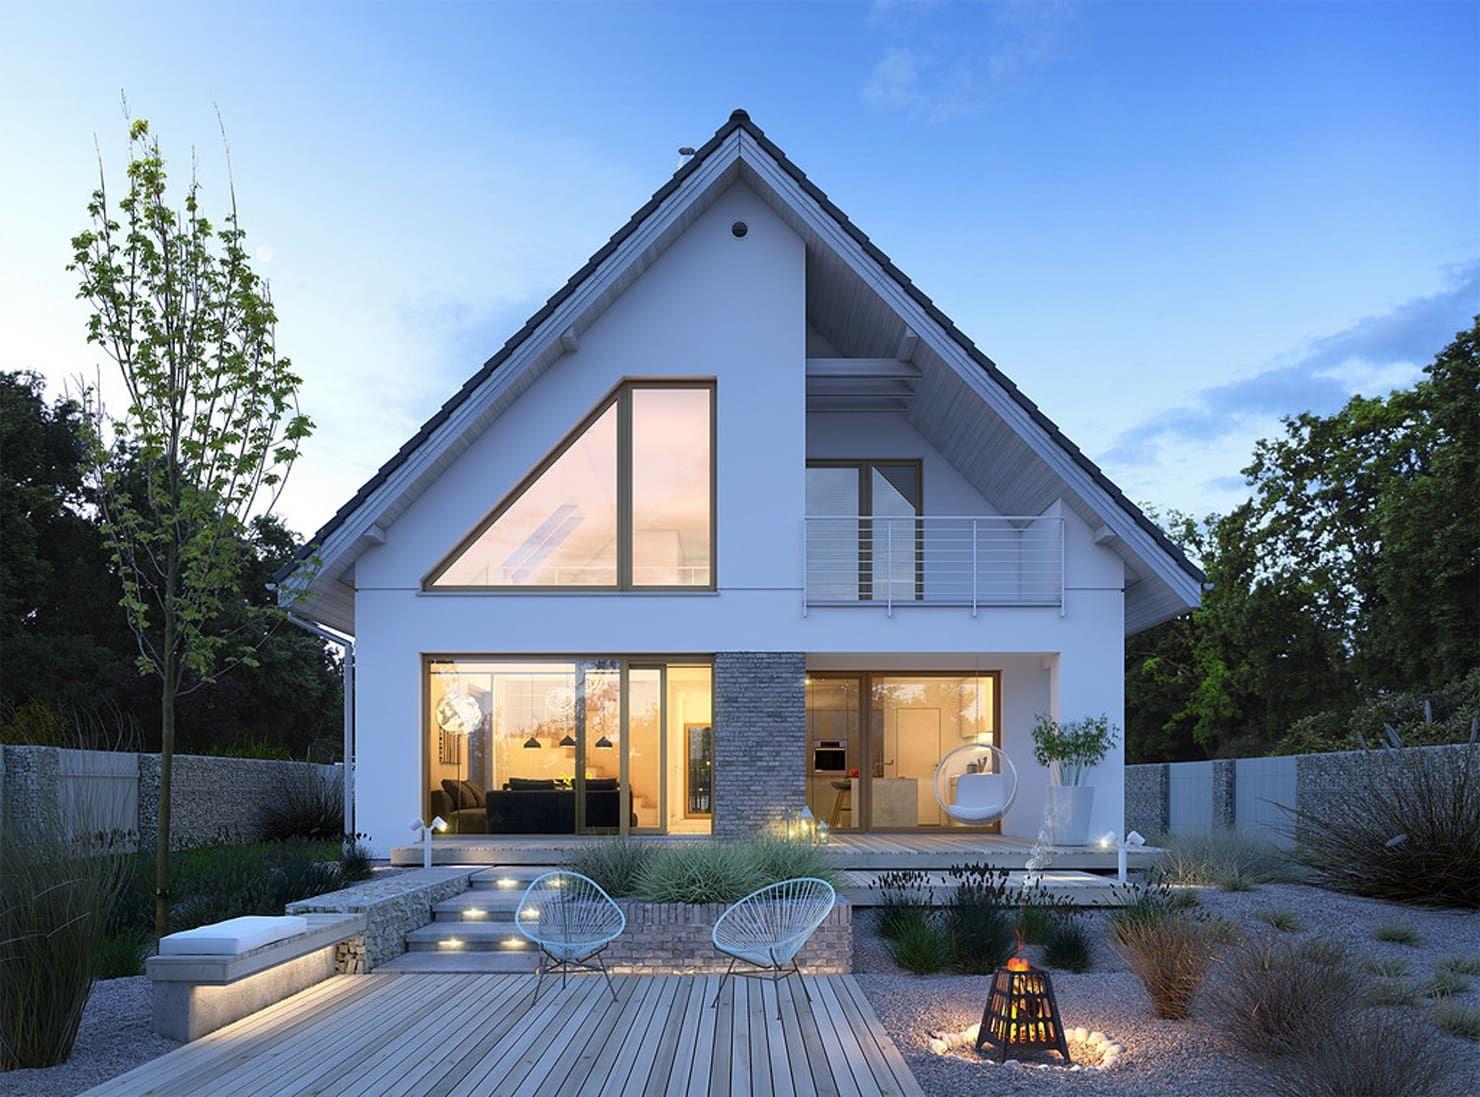 На фото - Проект дома площадью 140 кв. метров за 3,2 млн ...